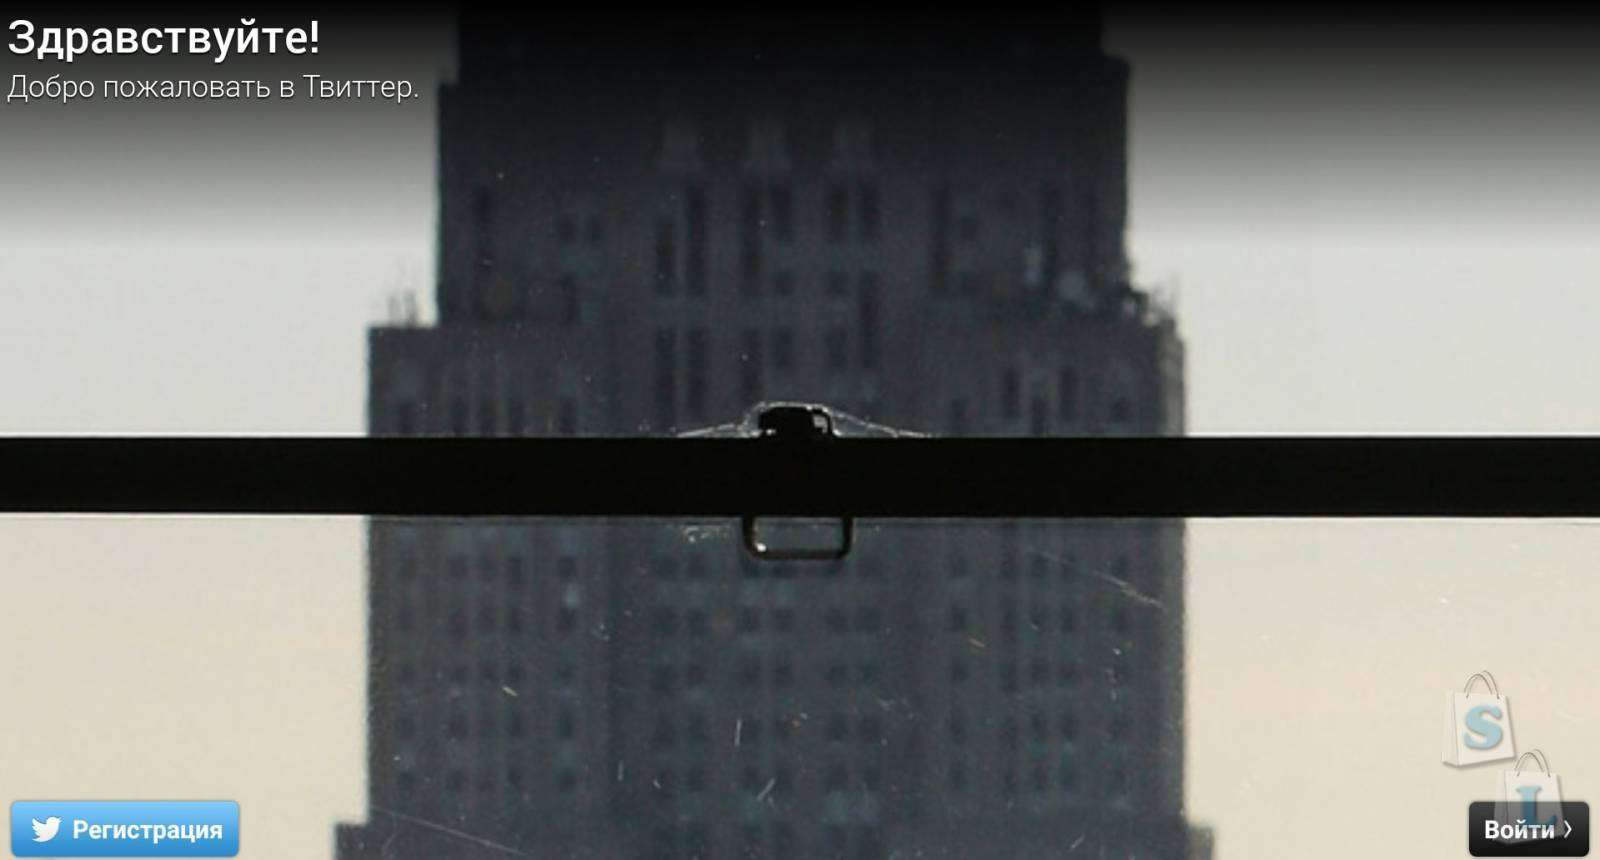 GearBest: YUNDOO Y2, ТВ бокс на новом процессоре S912